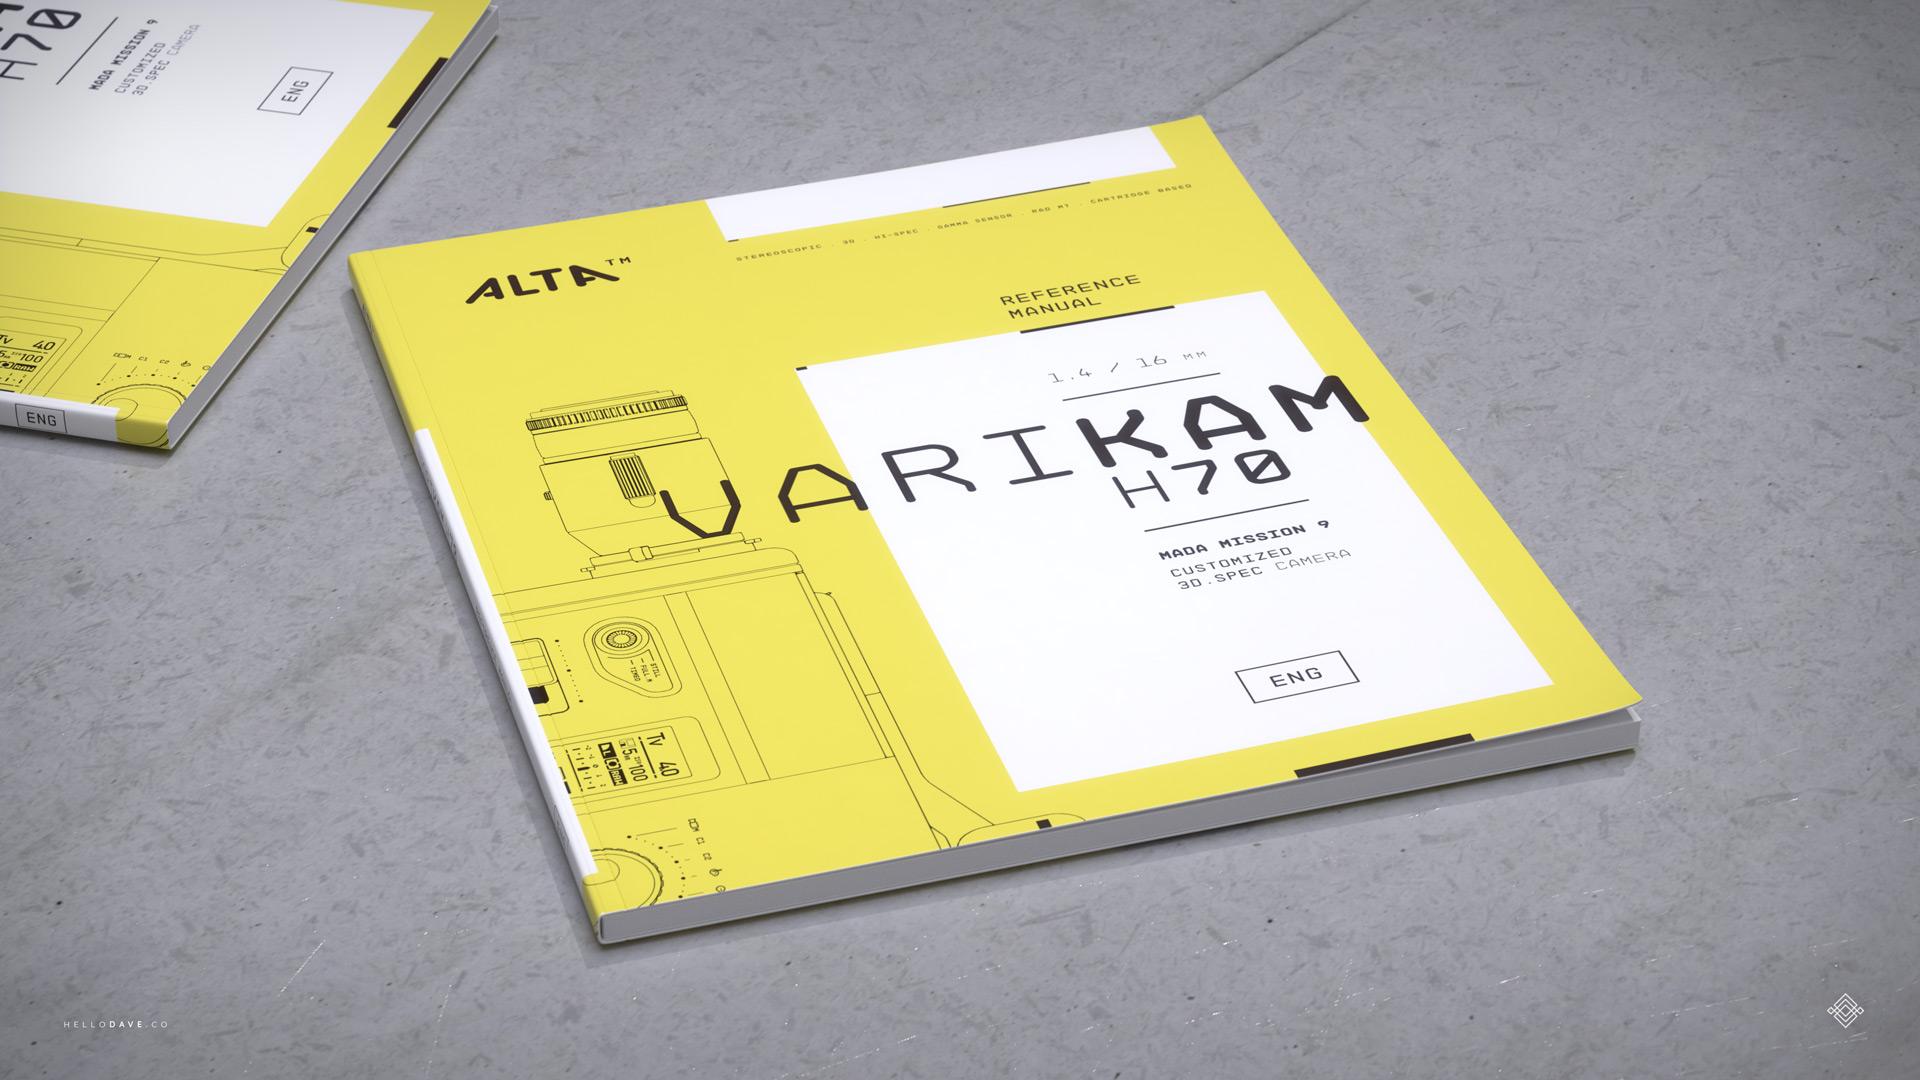 VarikanH70_manual_by_hellodave2